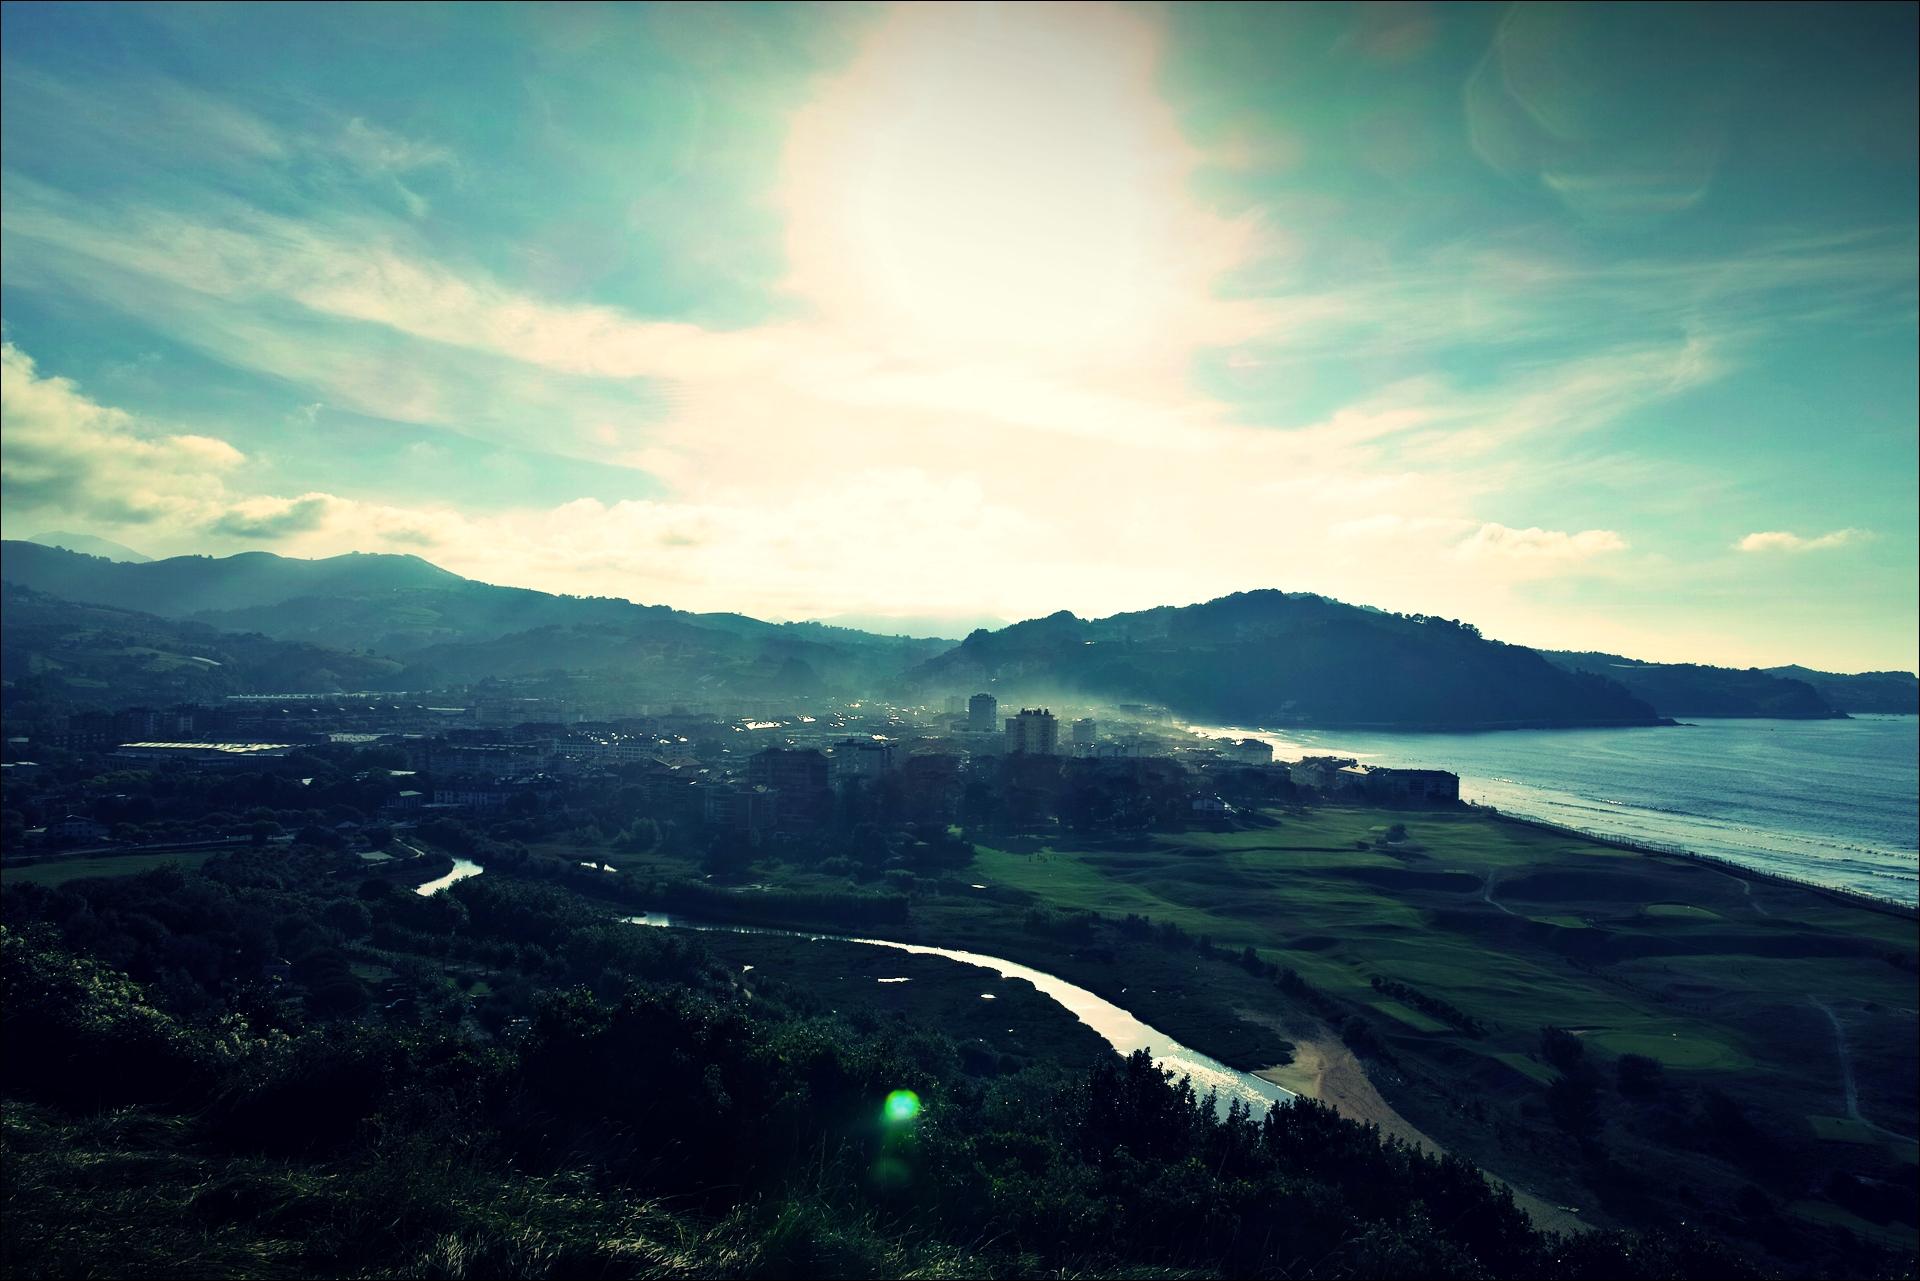 사라우츠-'카미노 데 산티아고 북쪽길. 산 세바스티안에서 사라우츠. (Camino del Norte - San Sebastian to Zarauz)'